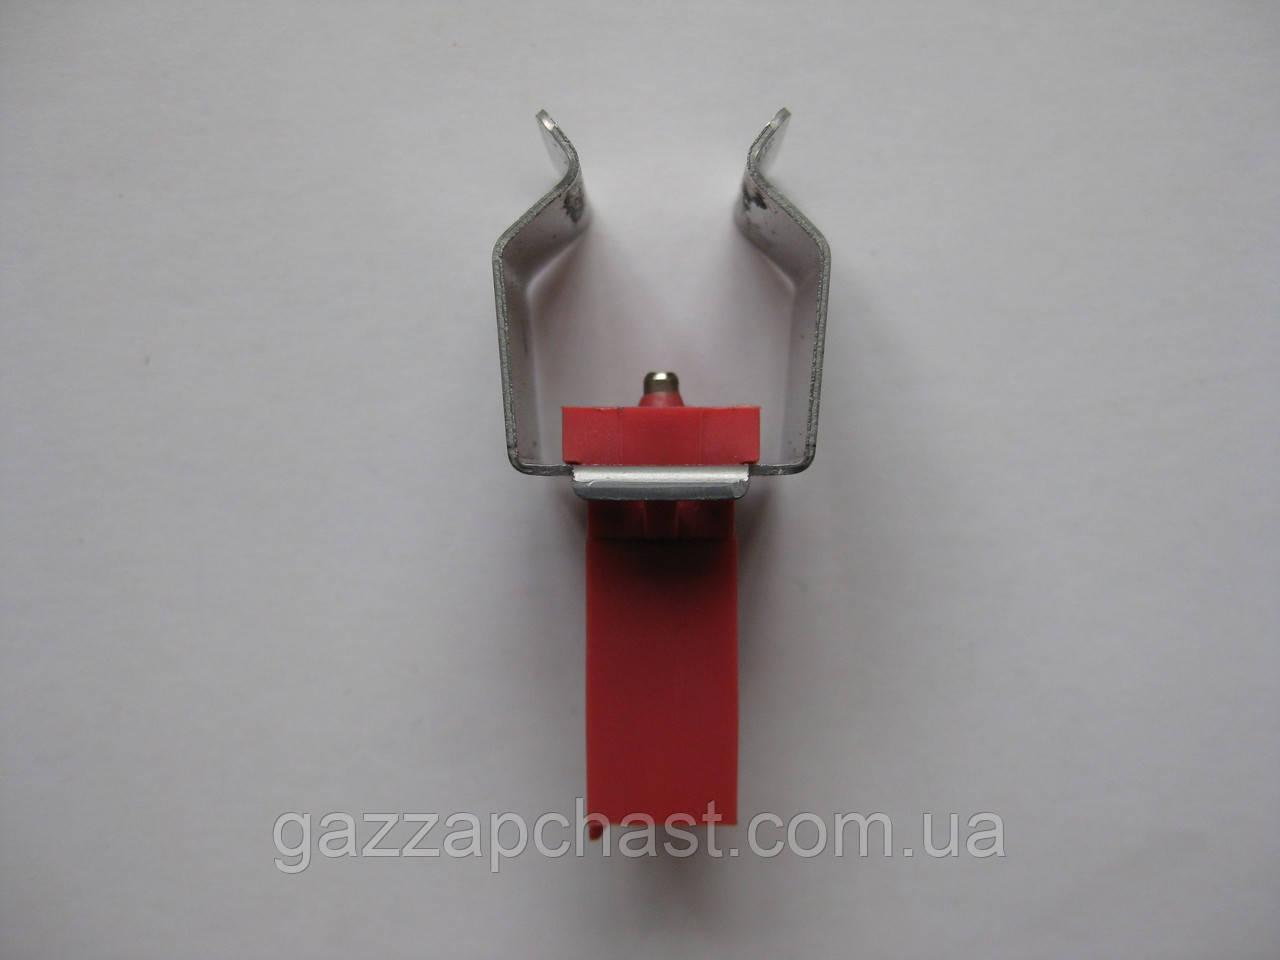 Датчик температуры накладной Baxi (710666500)